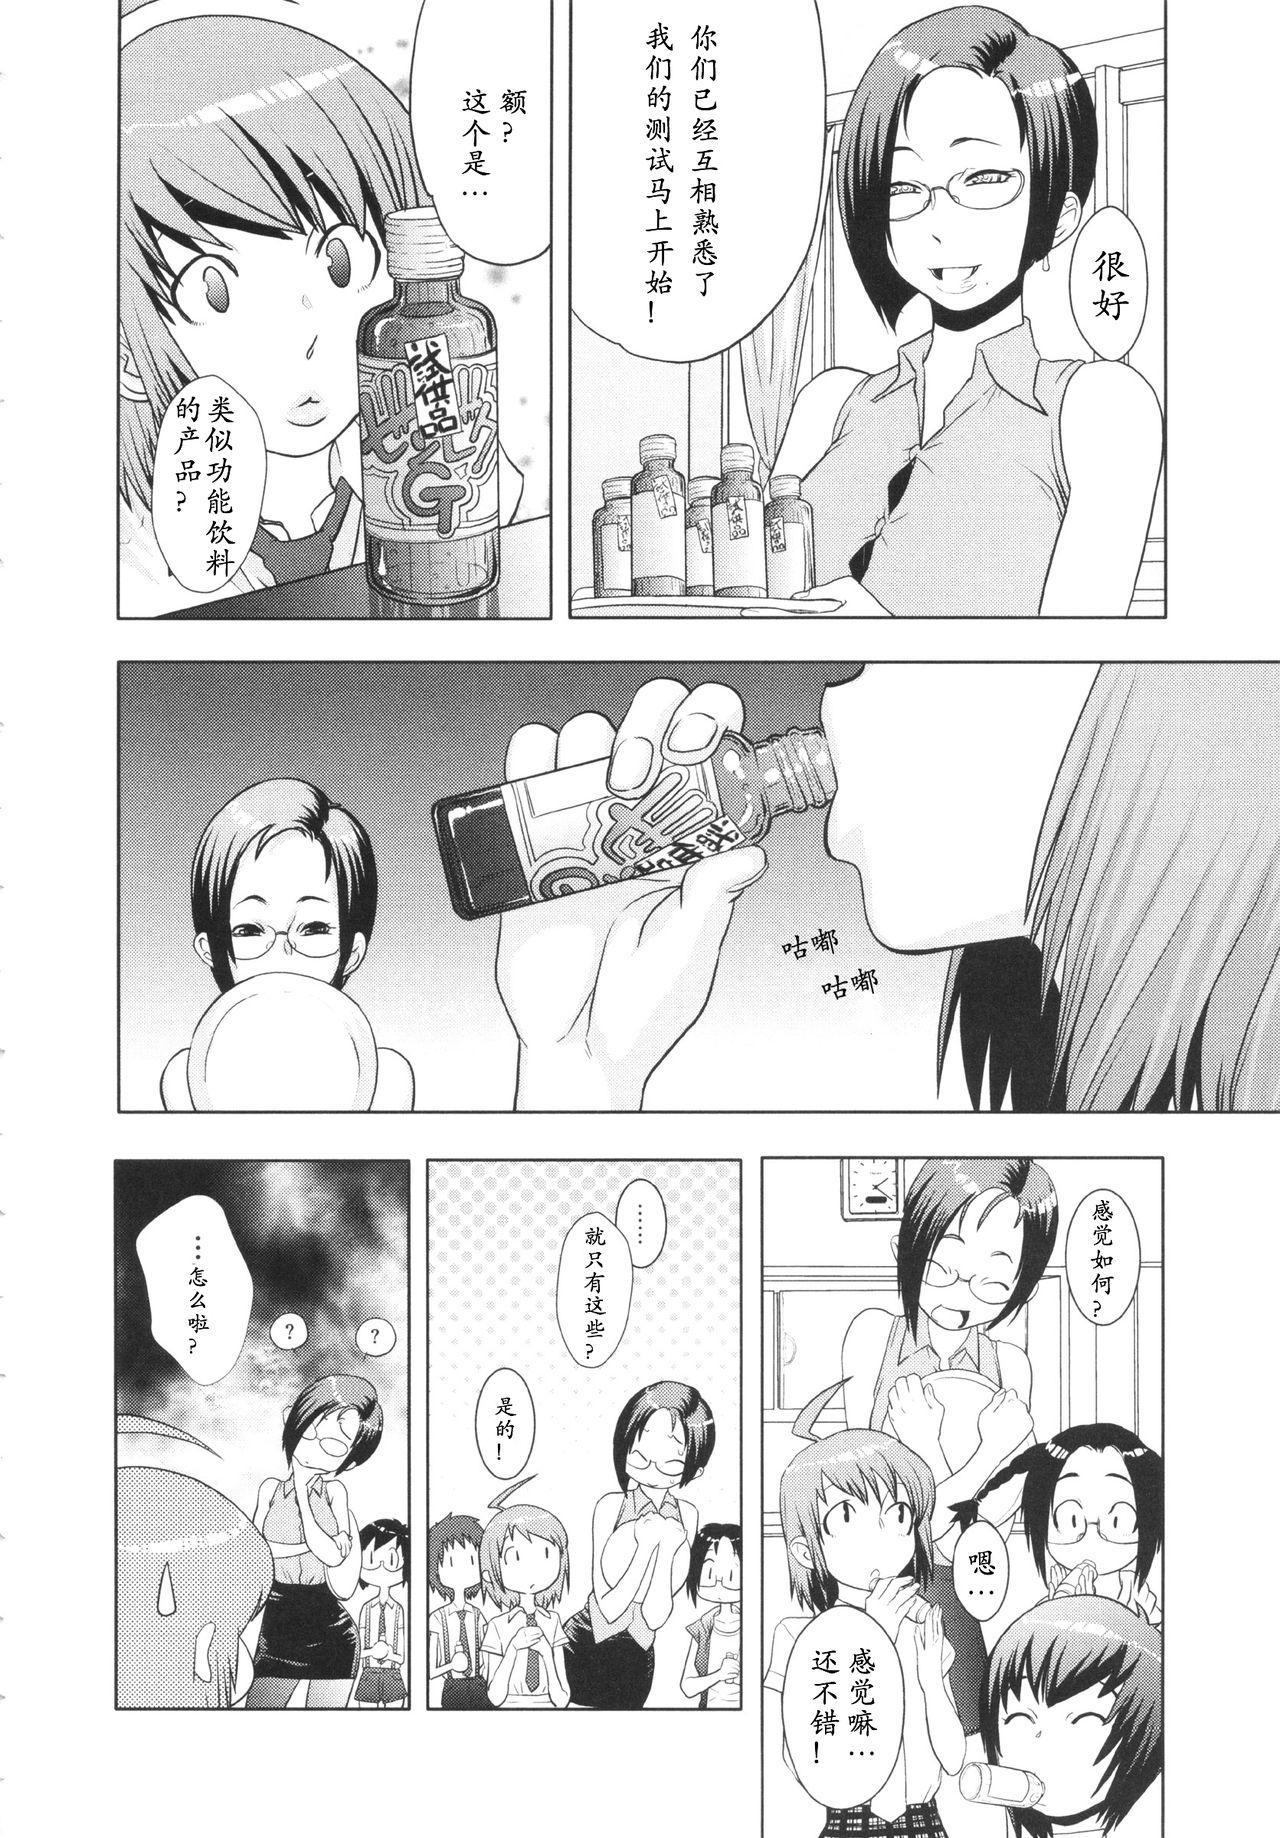 Meshimase! Adult Toys 3